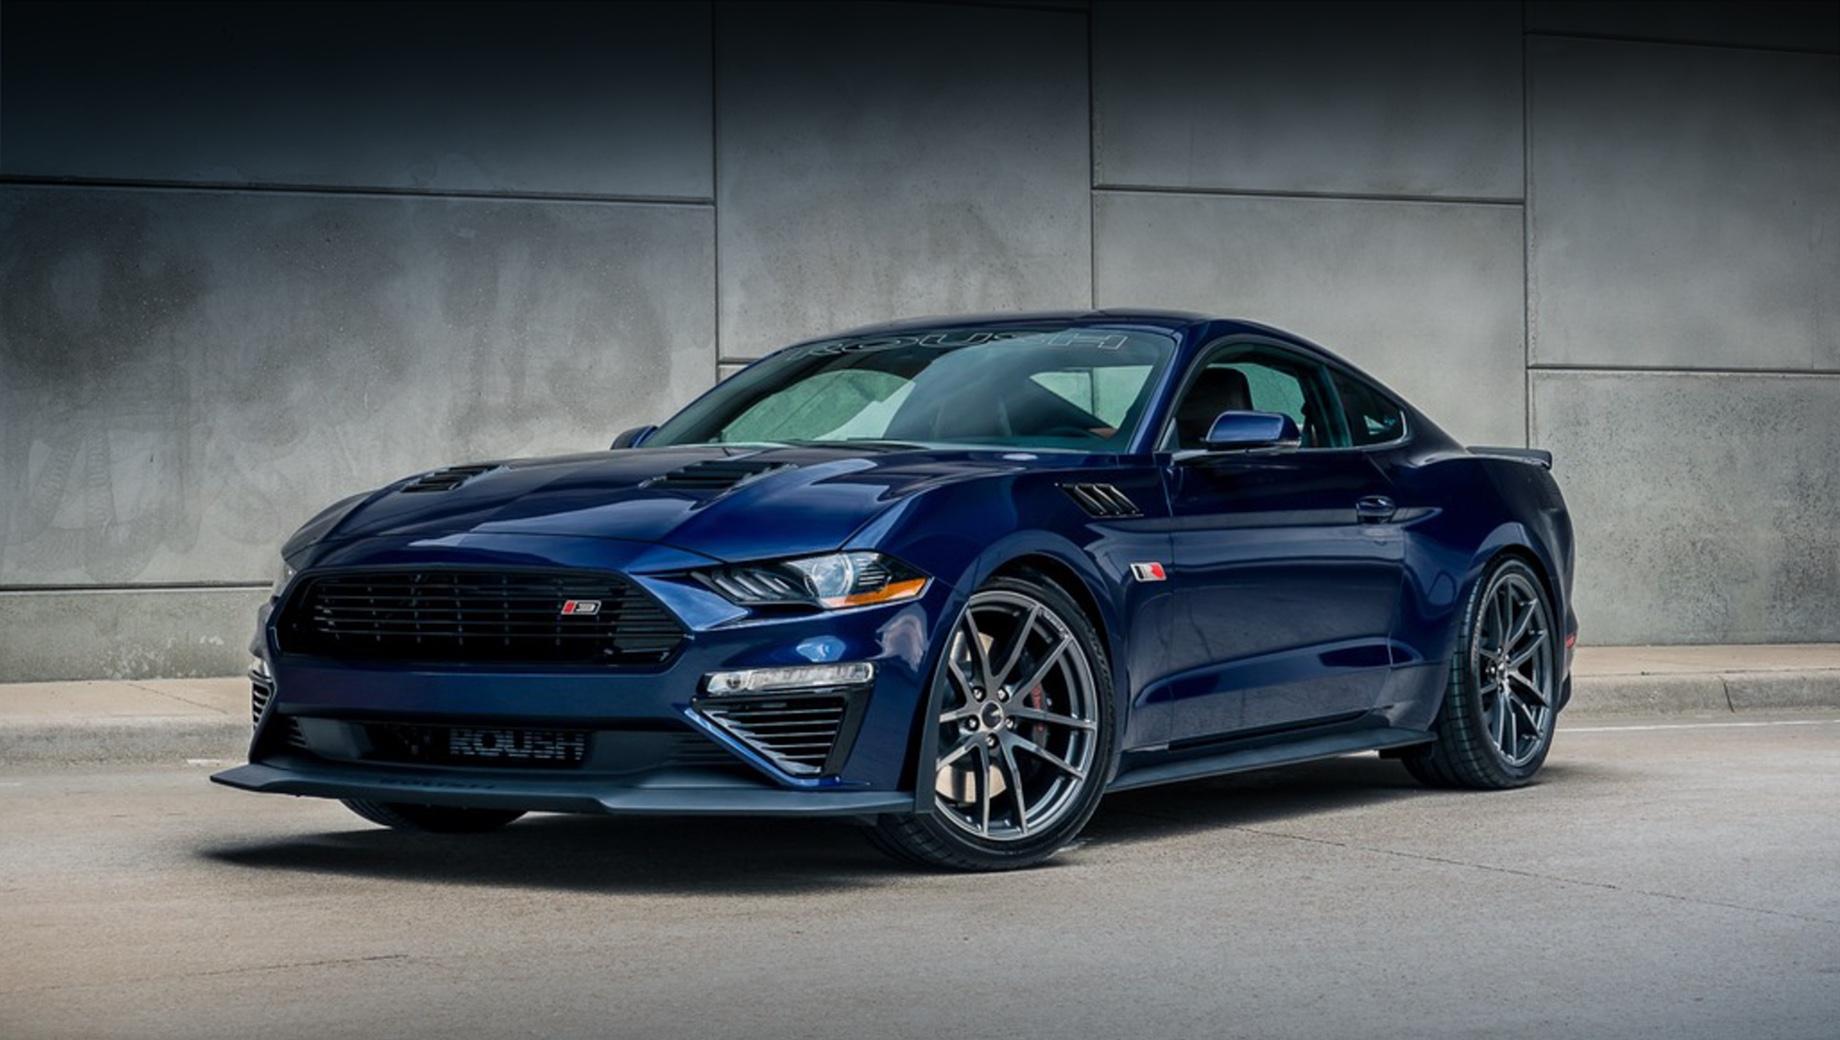 Ford Mustang от фирмы Roush в этом году порадует отдачей